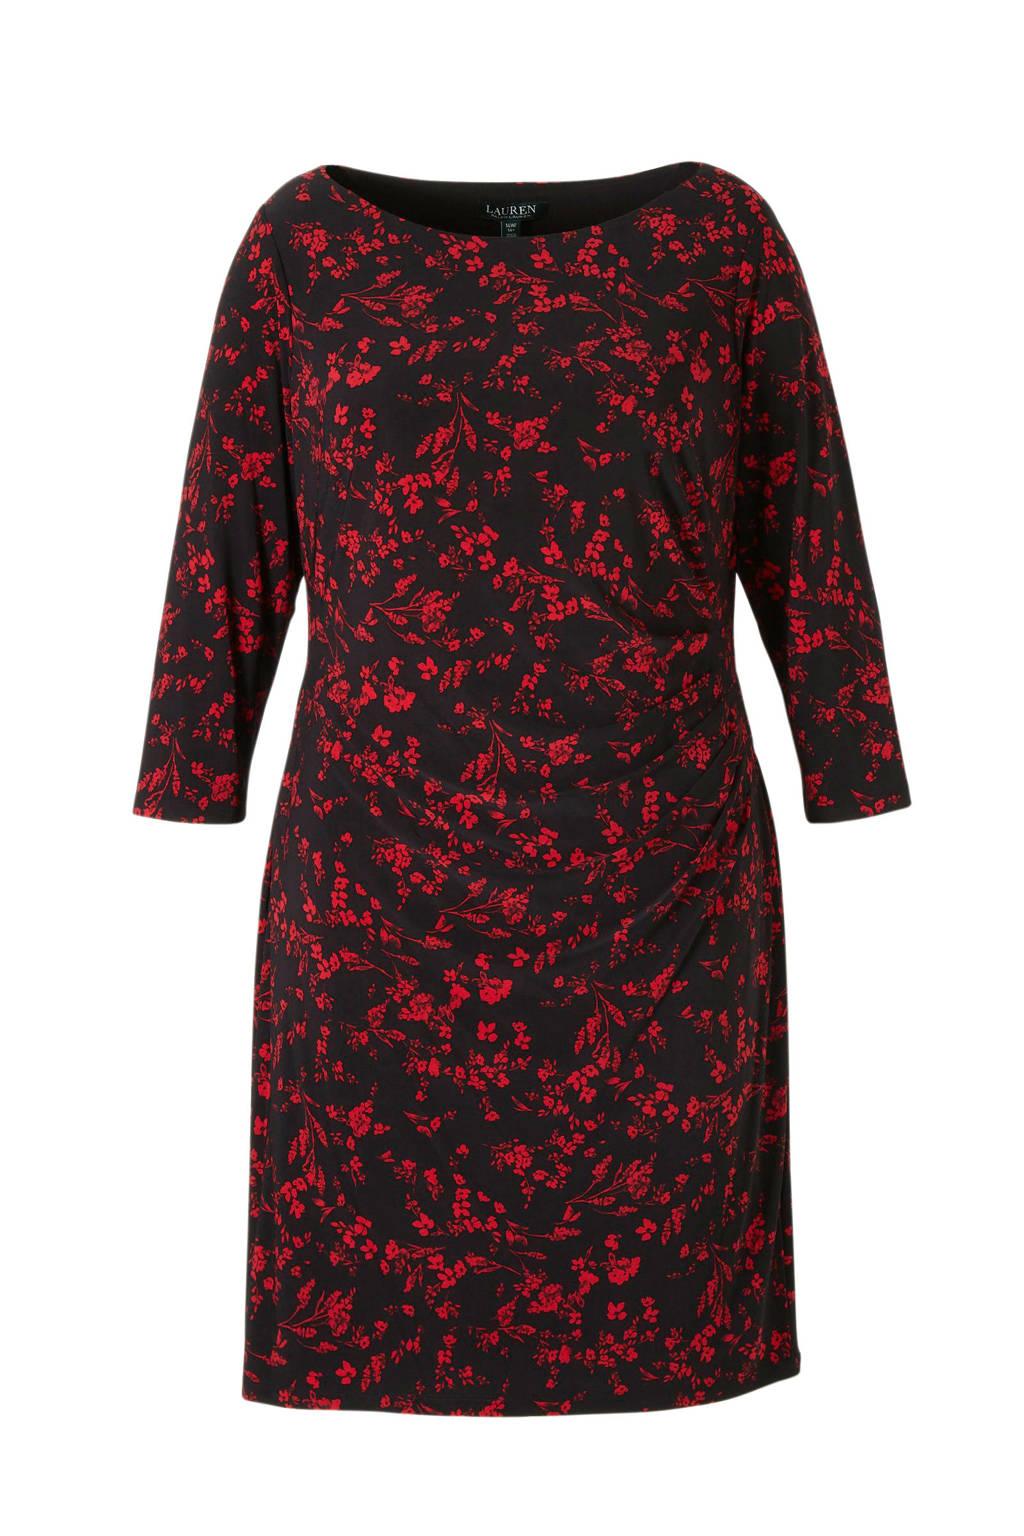 Lauren Ralph Lauren gebloemde jersey jurk zwart/rood, Zwart/rood